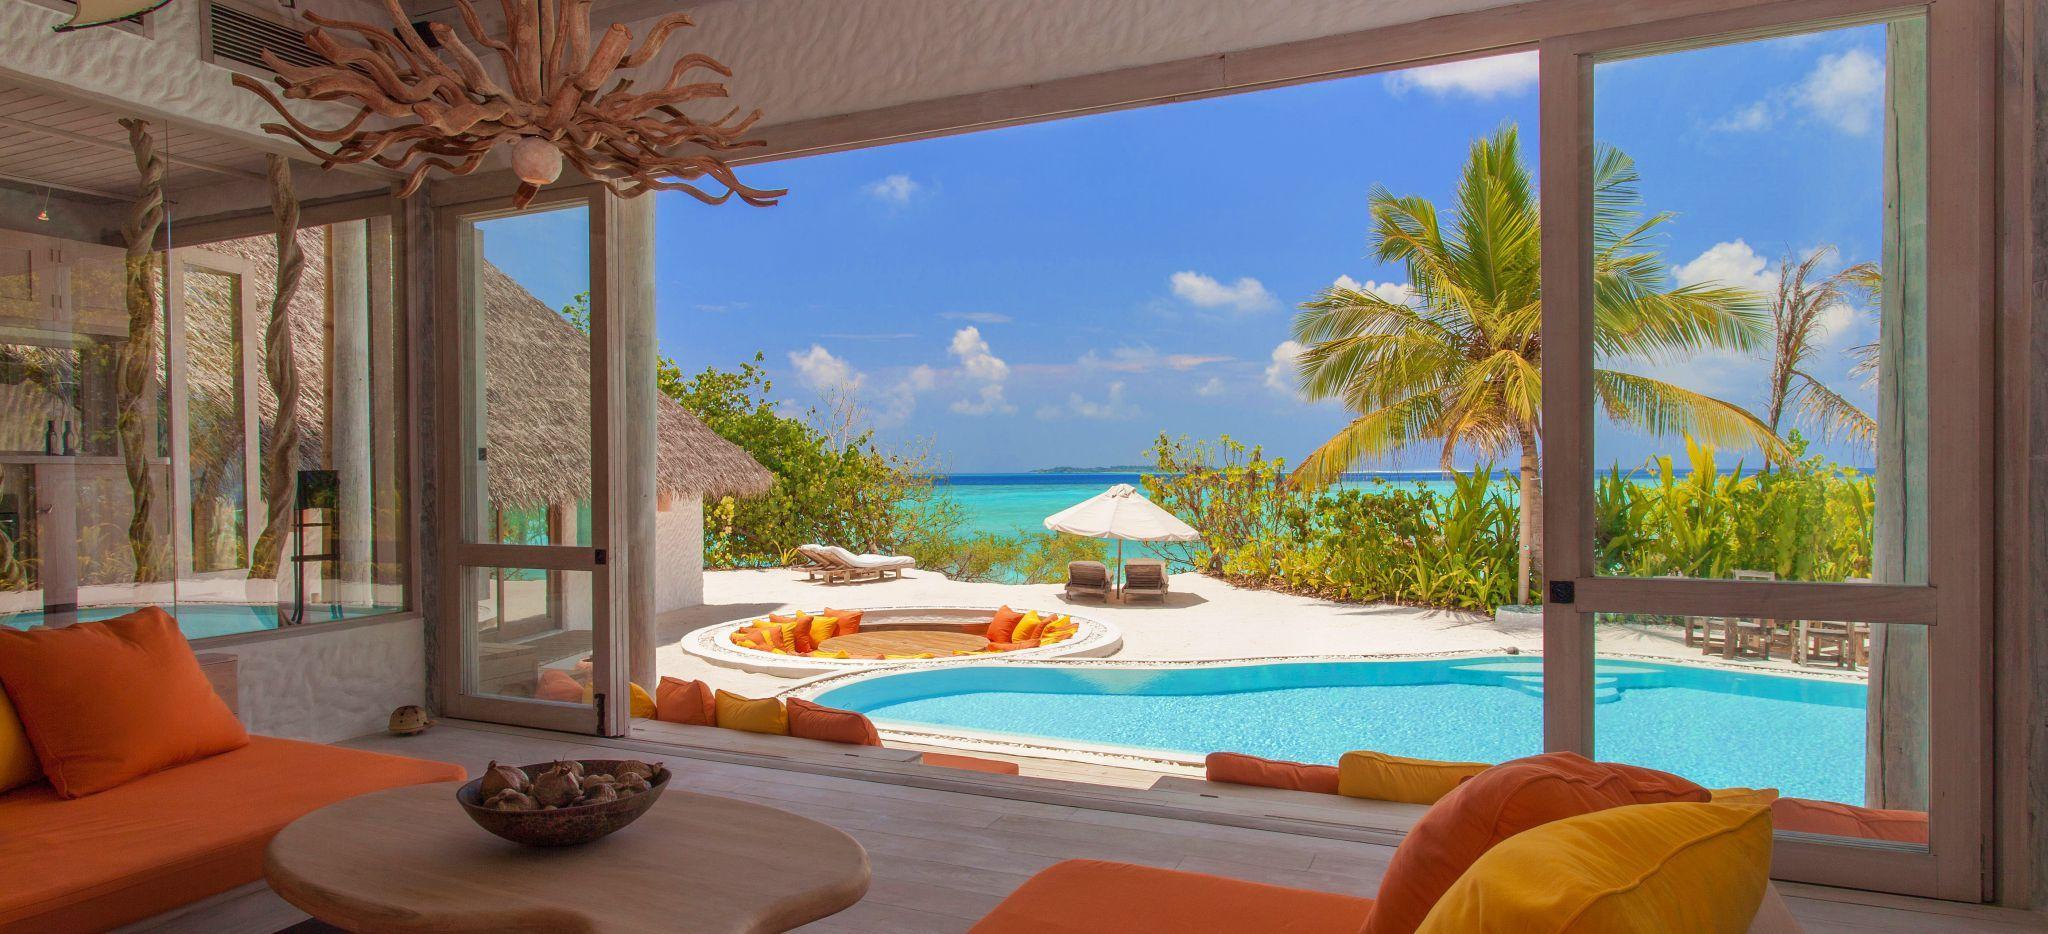 Ein ausladendes Wohnzimmer mit Blick auf einen privaten Pool und Strandzugang im Hotel Soneva Fushi auf den Malediven